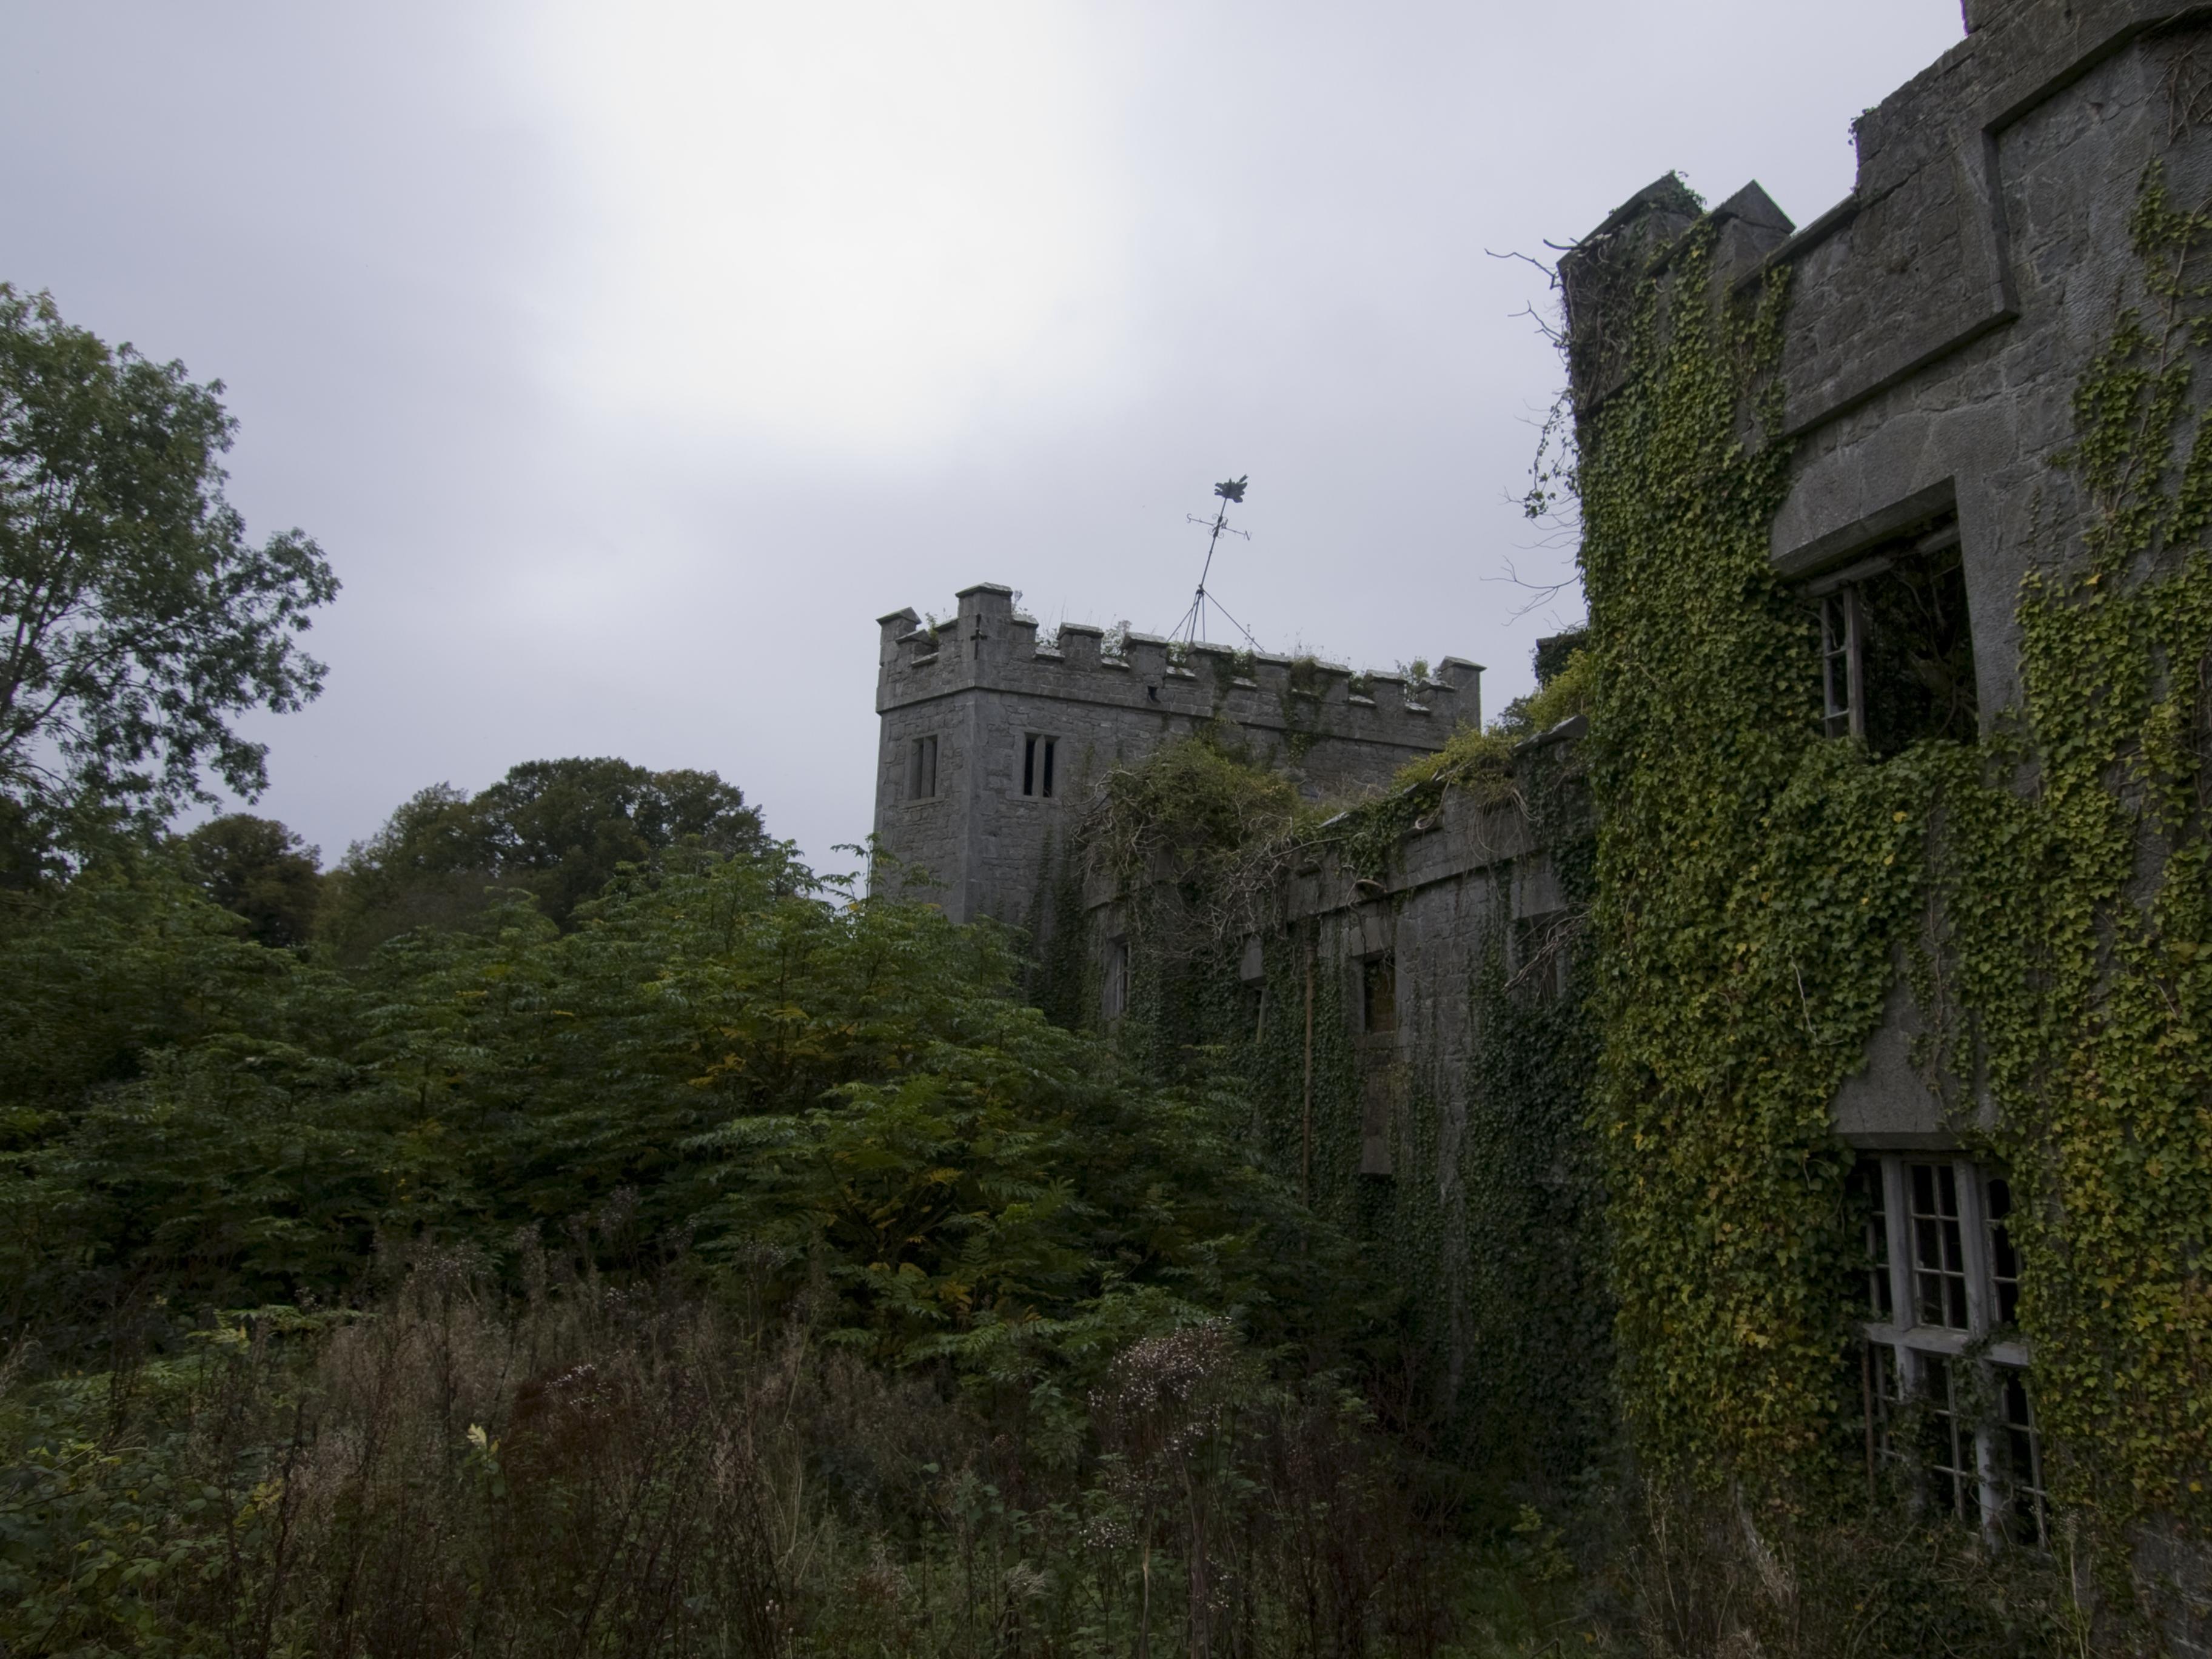 Charleville castle stables, Architecture, Castle, Cliff, Crag, HQ Photo